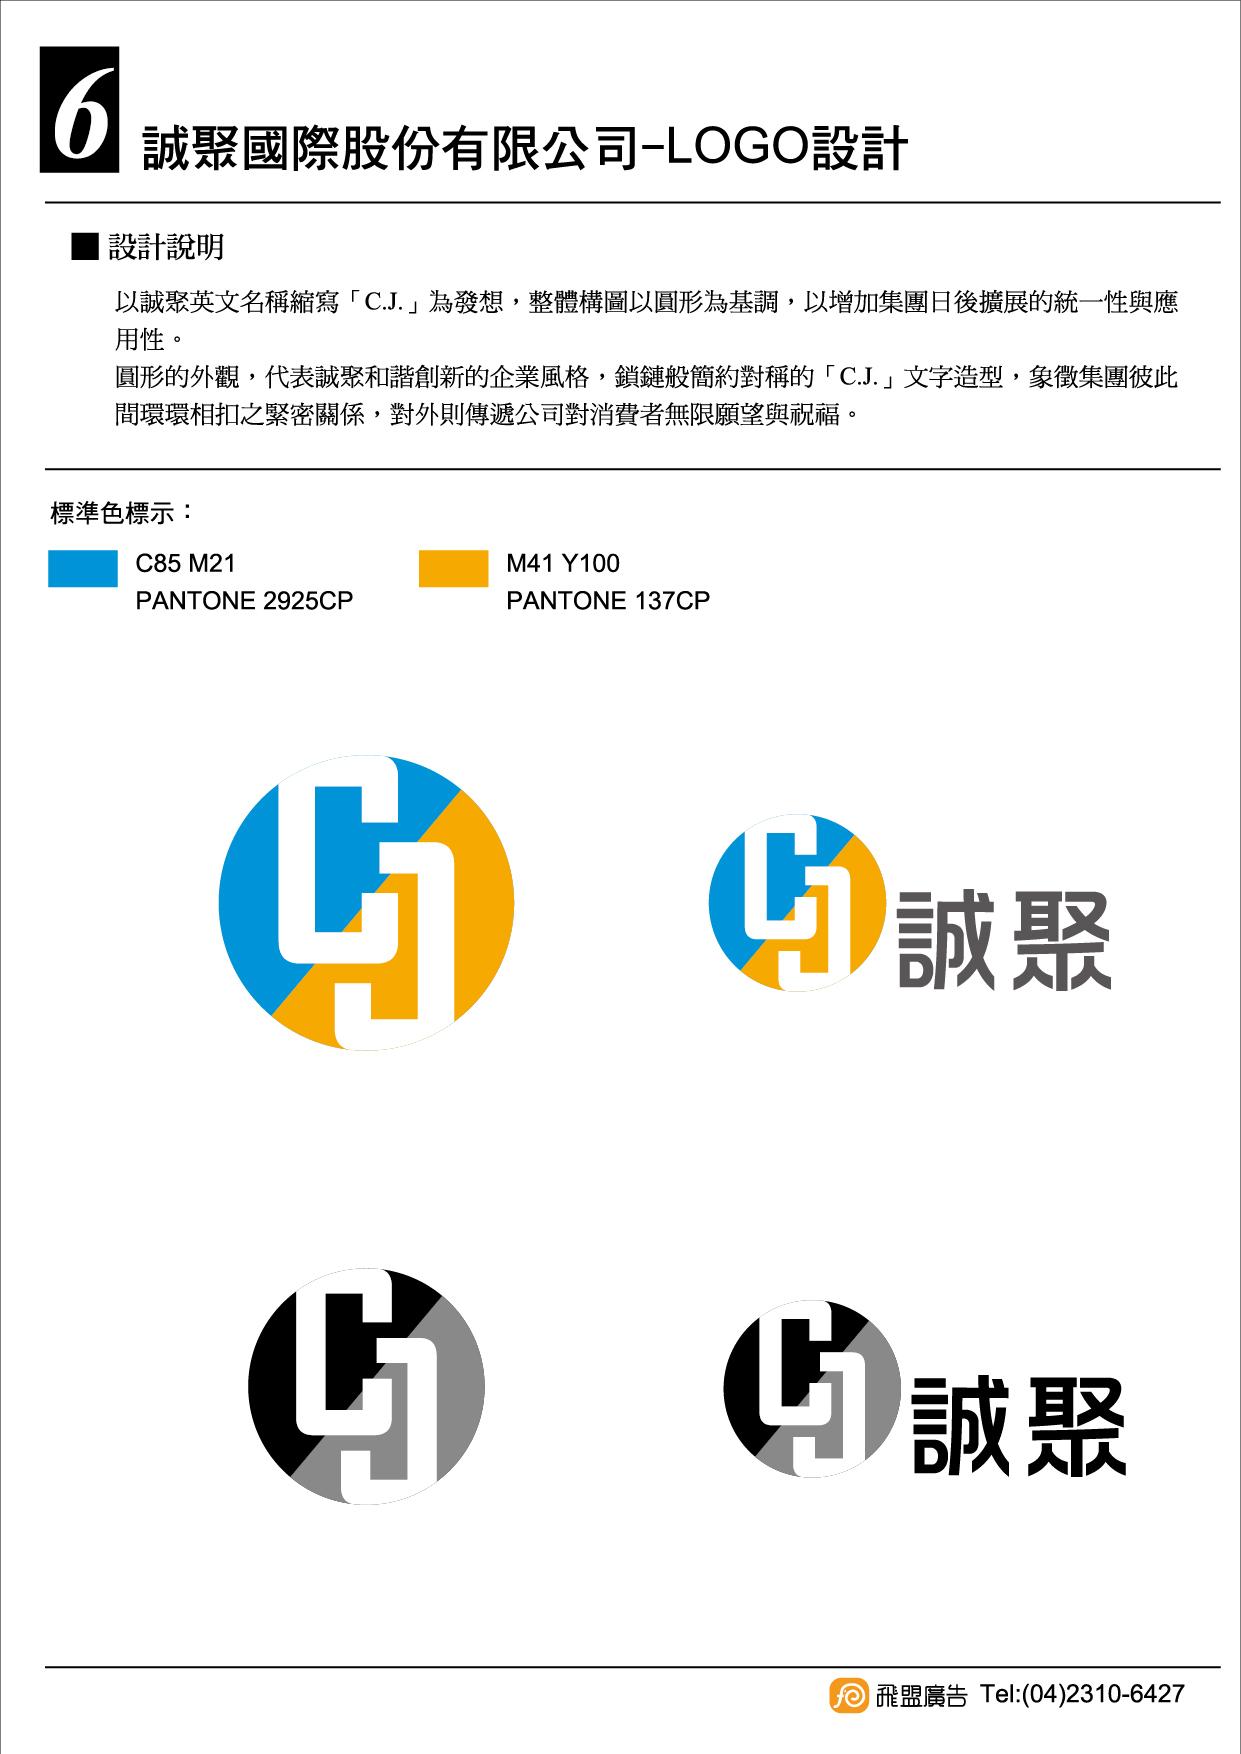 Logocis平面設計飛盟廣告設計